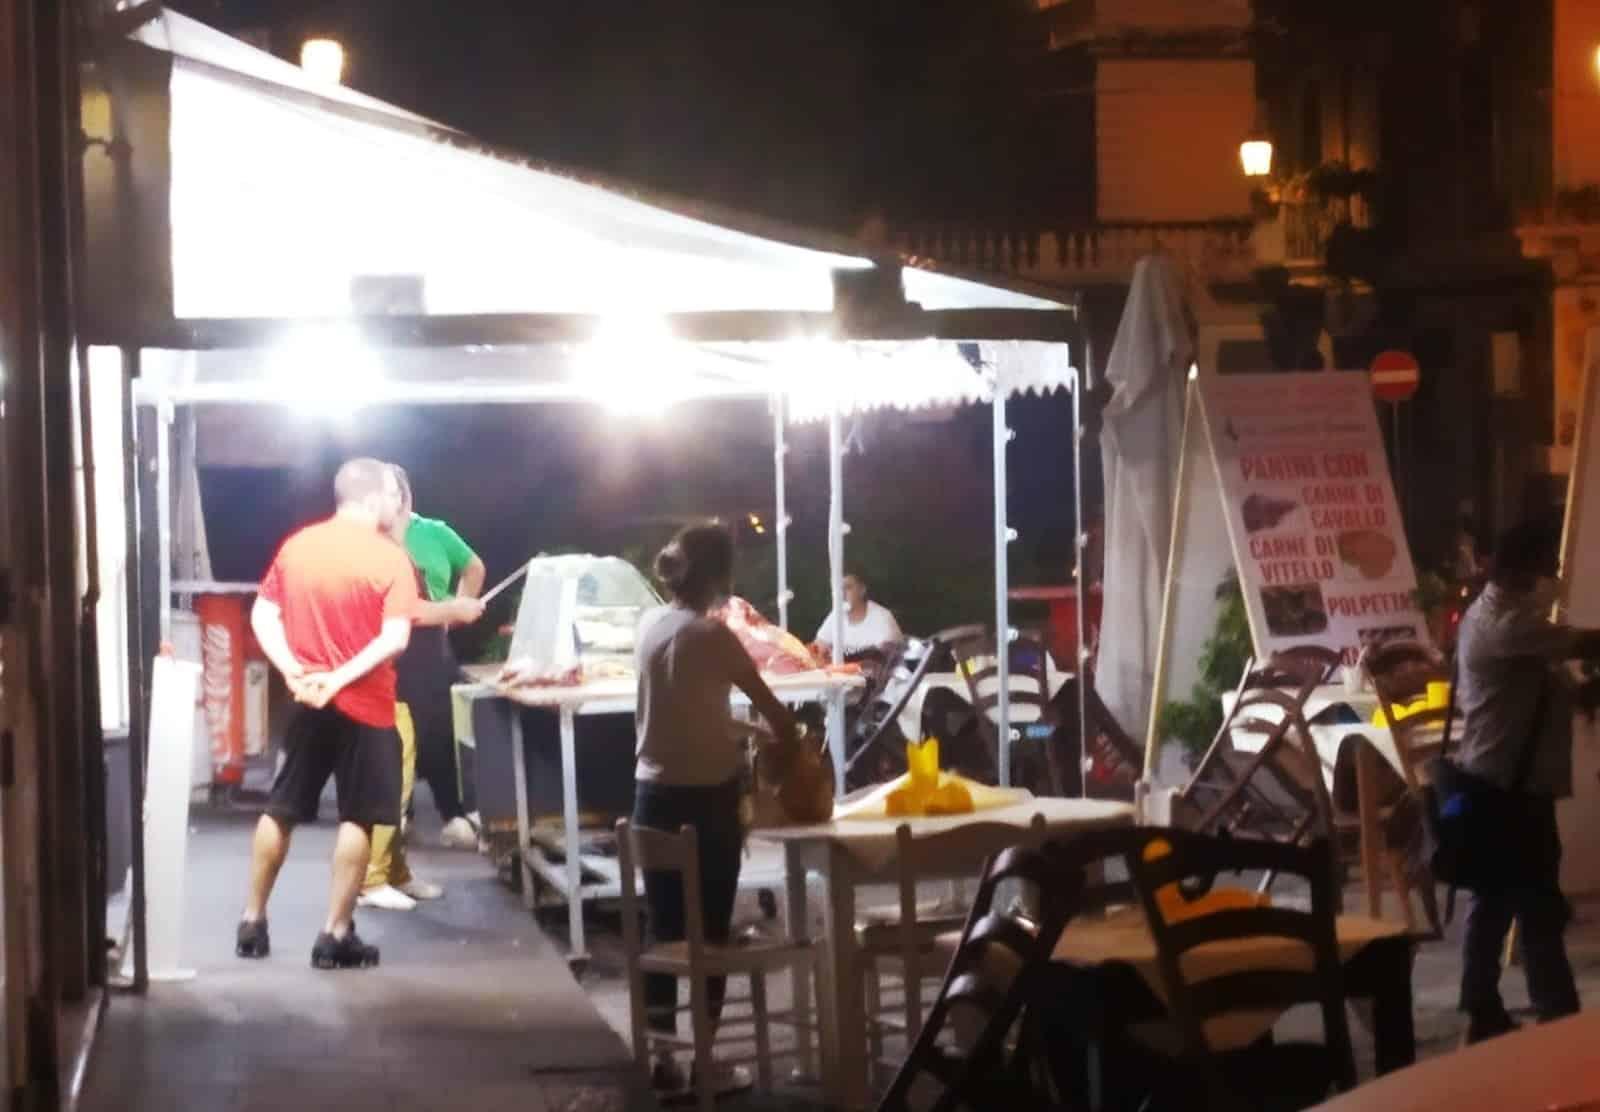 Catania, controlli della municipale: dal blitz in una festa alla chiusura di esercizi commerciali, I DETTAGLI